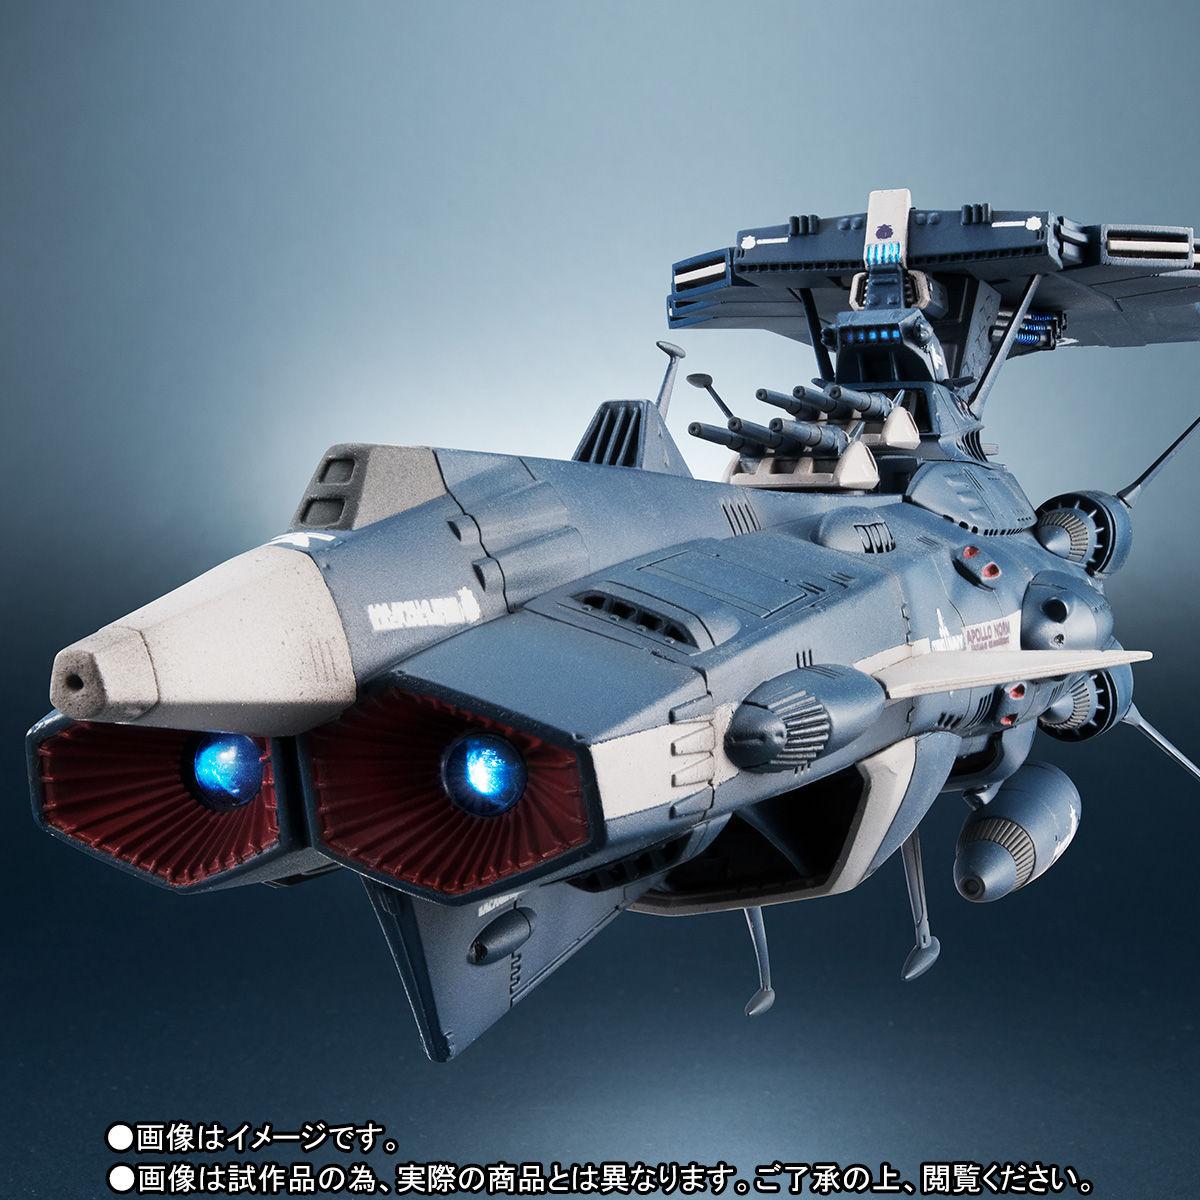 輝艦大全『地球連邦アンドロメダ級三番艦 アポロノーム|宇宙戦艦ヤマト2202』1/2000 完成品モデル-001